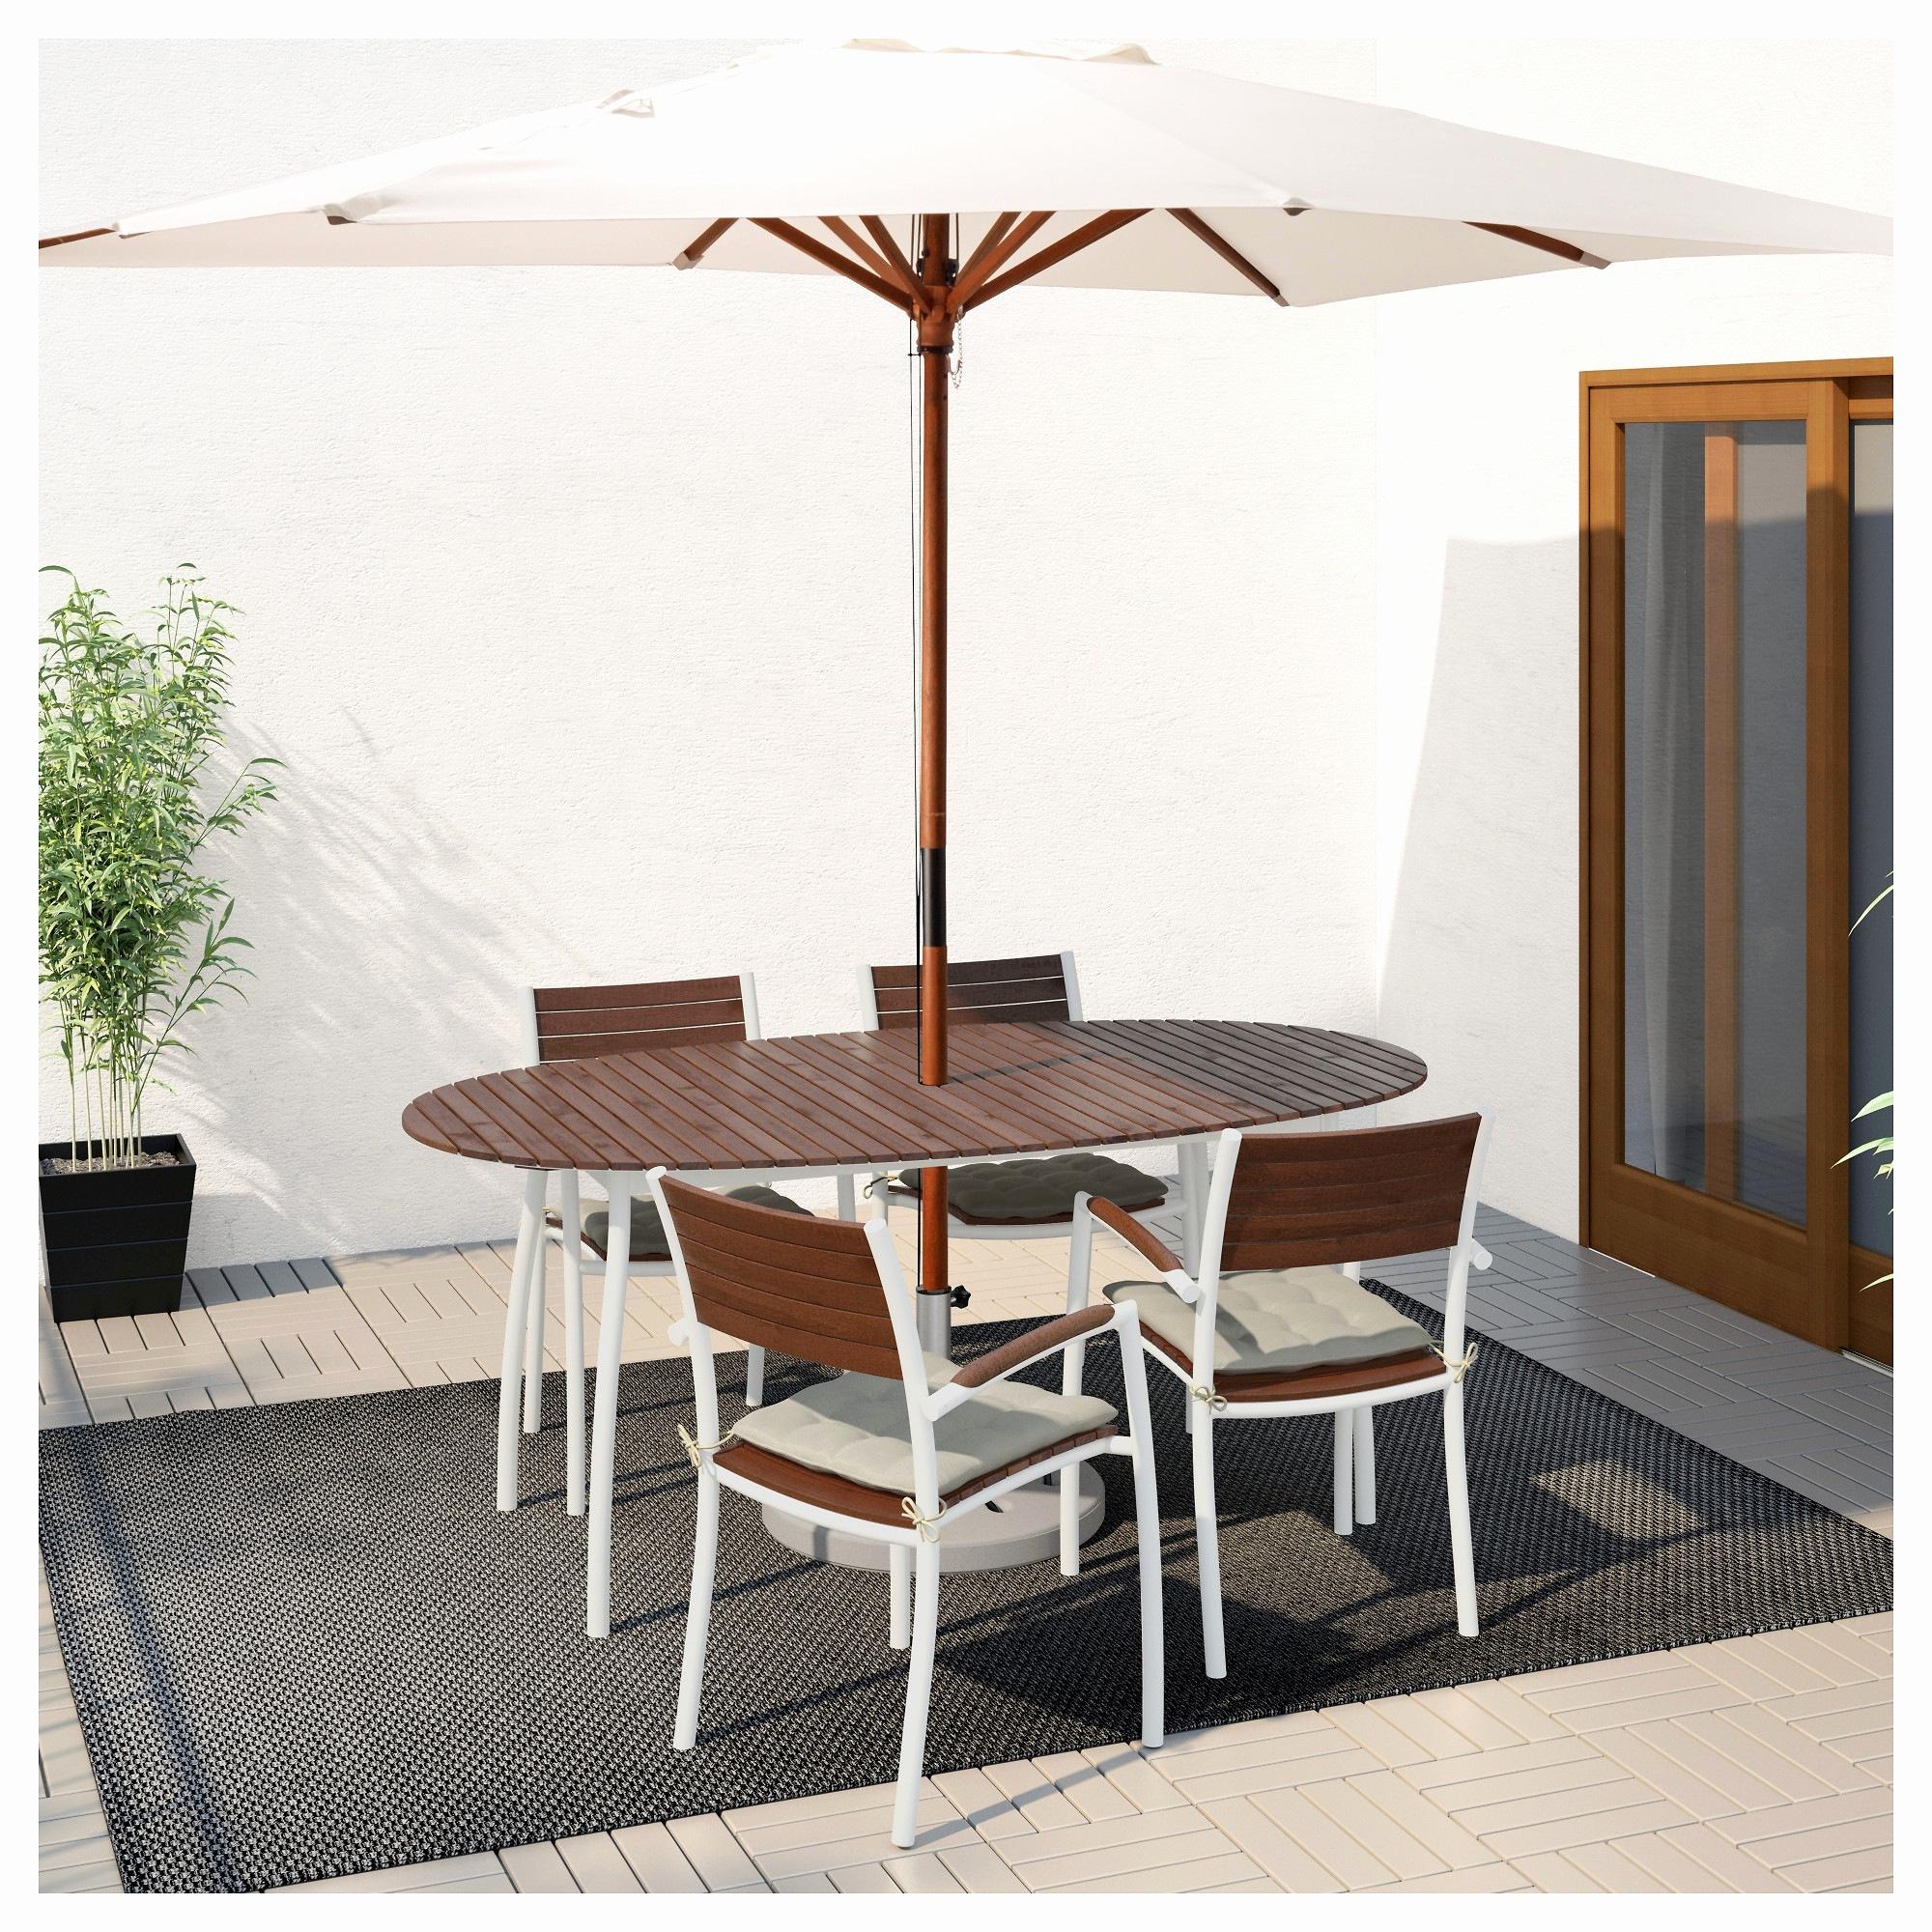 Sltt Paravent Extrieur Ikea Charmant Extérieur 0476260 ... concernant Paravent De Jardin